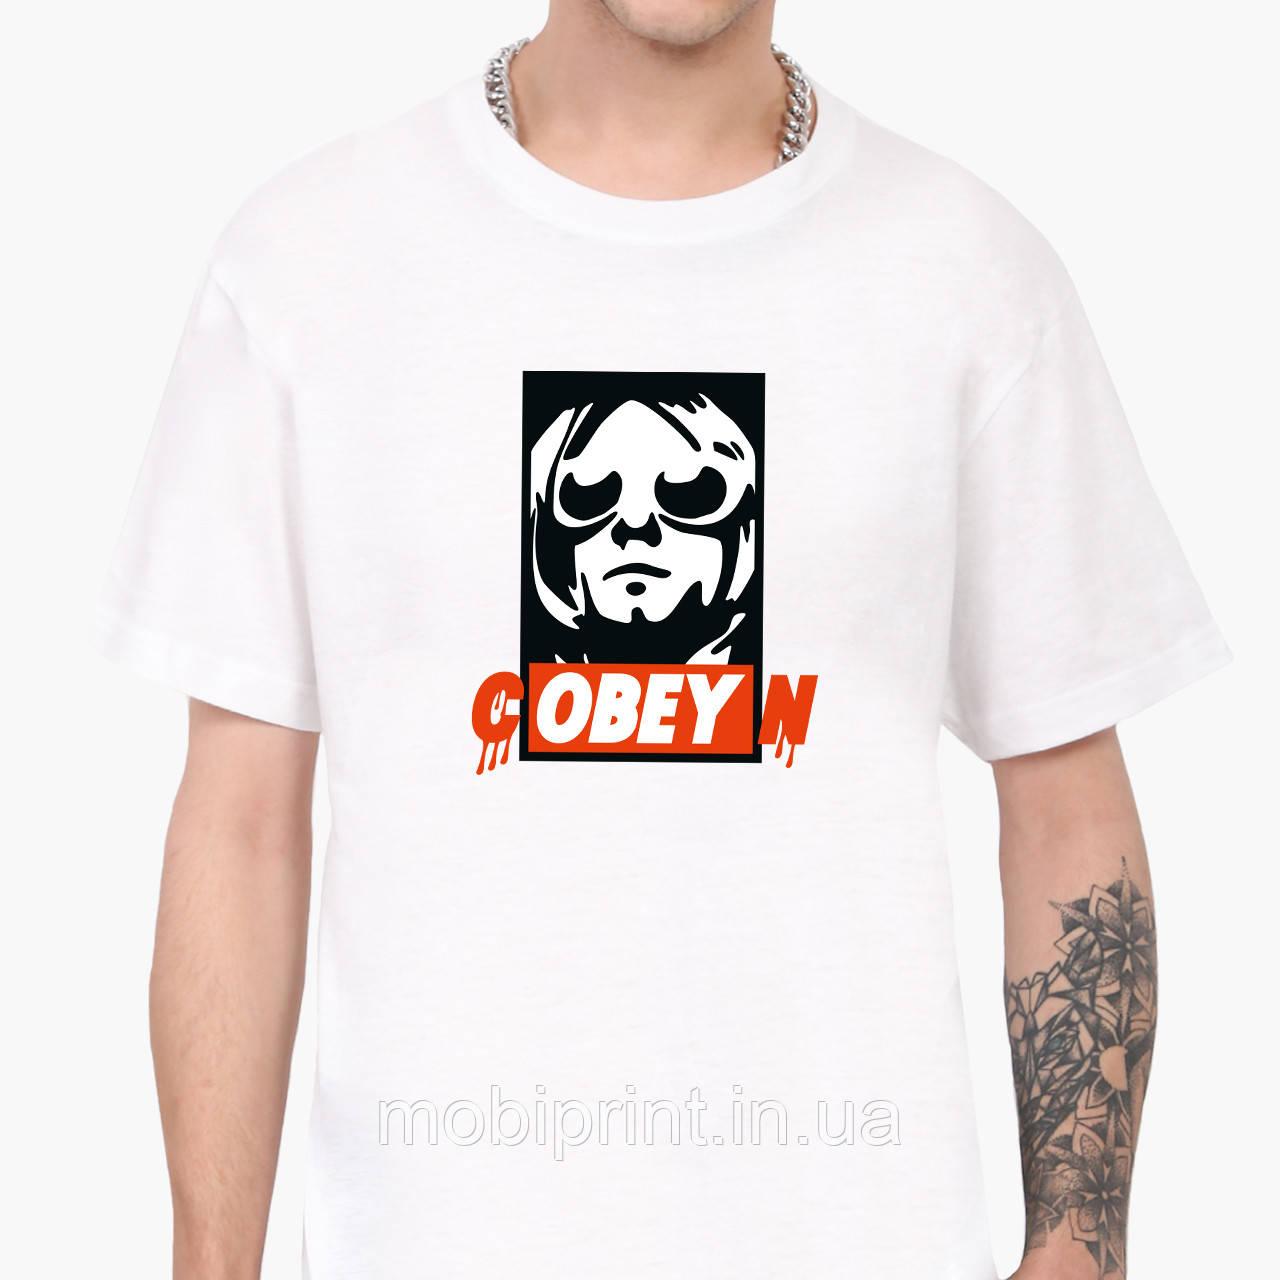 Футболка чоловіча Кобейн Курт Кобейн (cOBEYn Kurt Cobain) Білий (9223-1990)